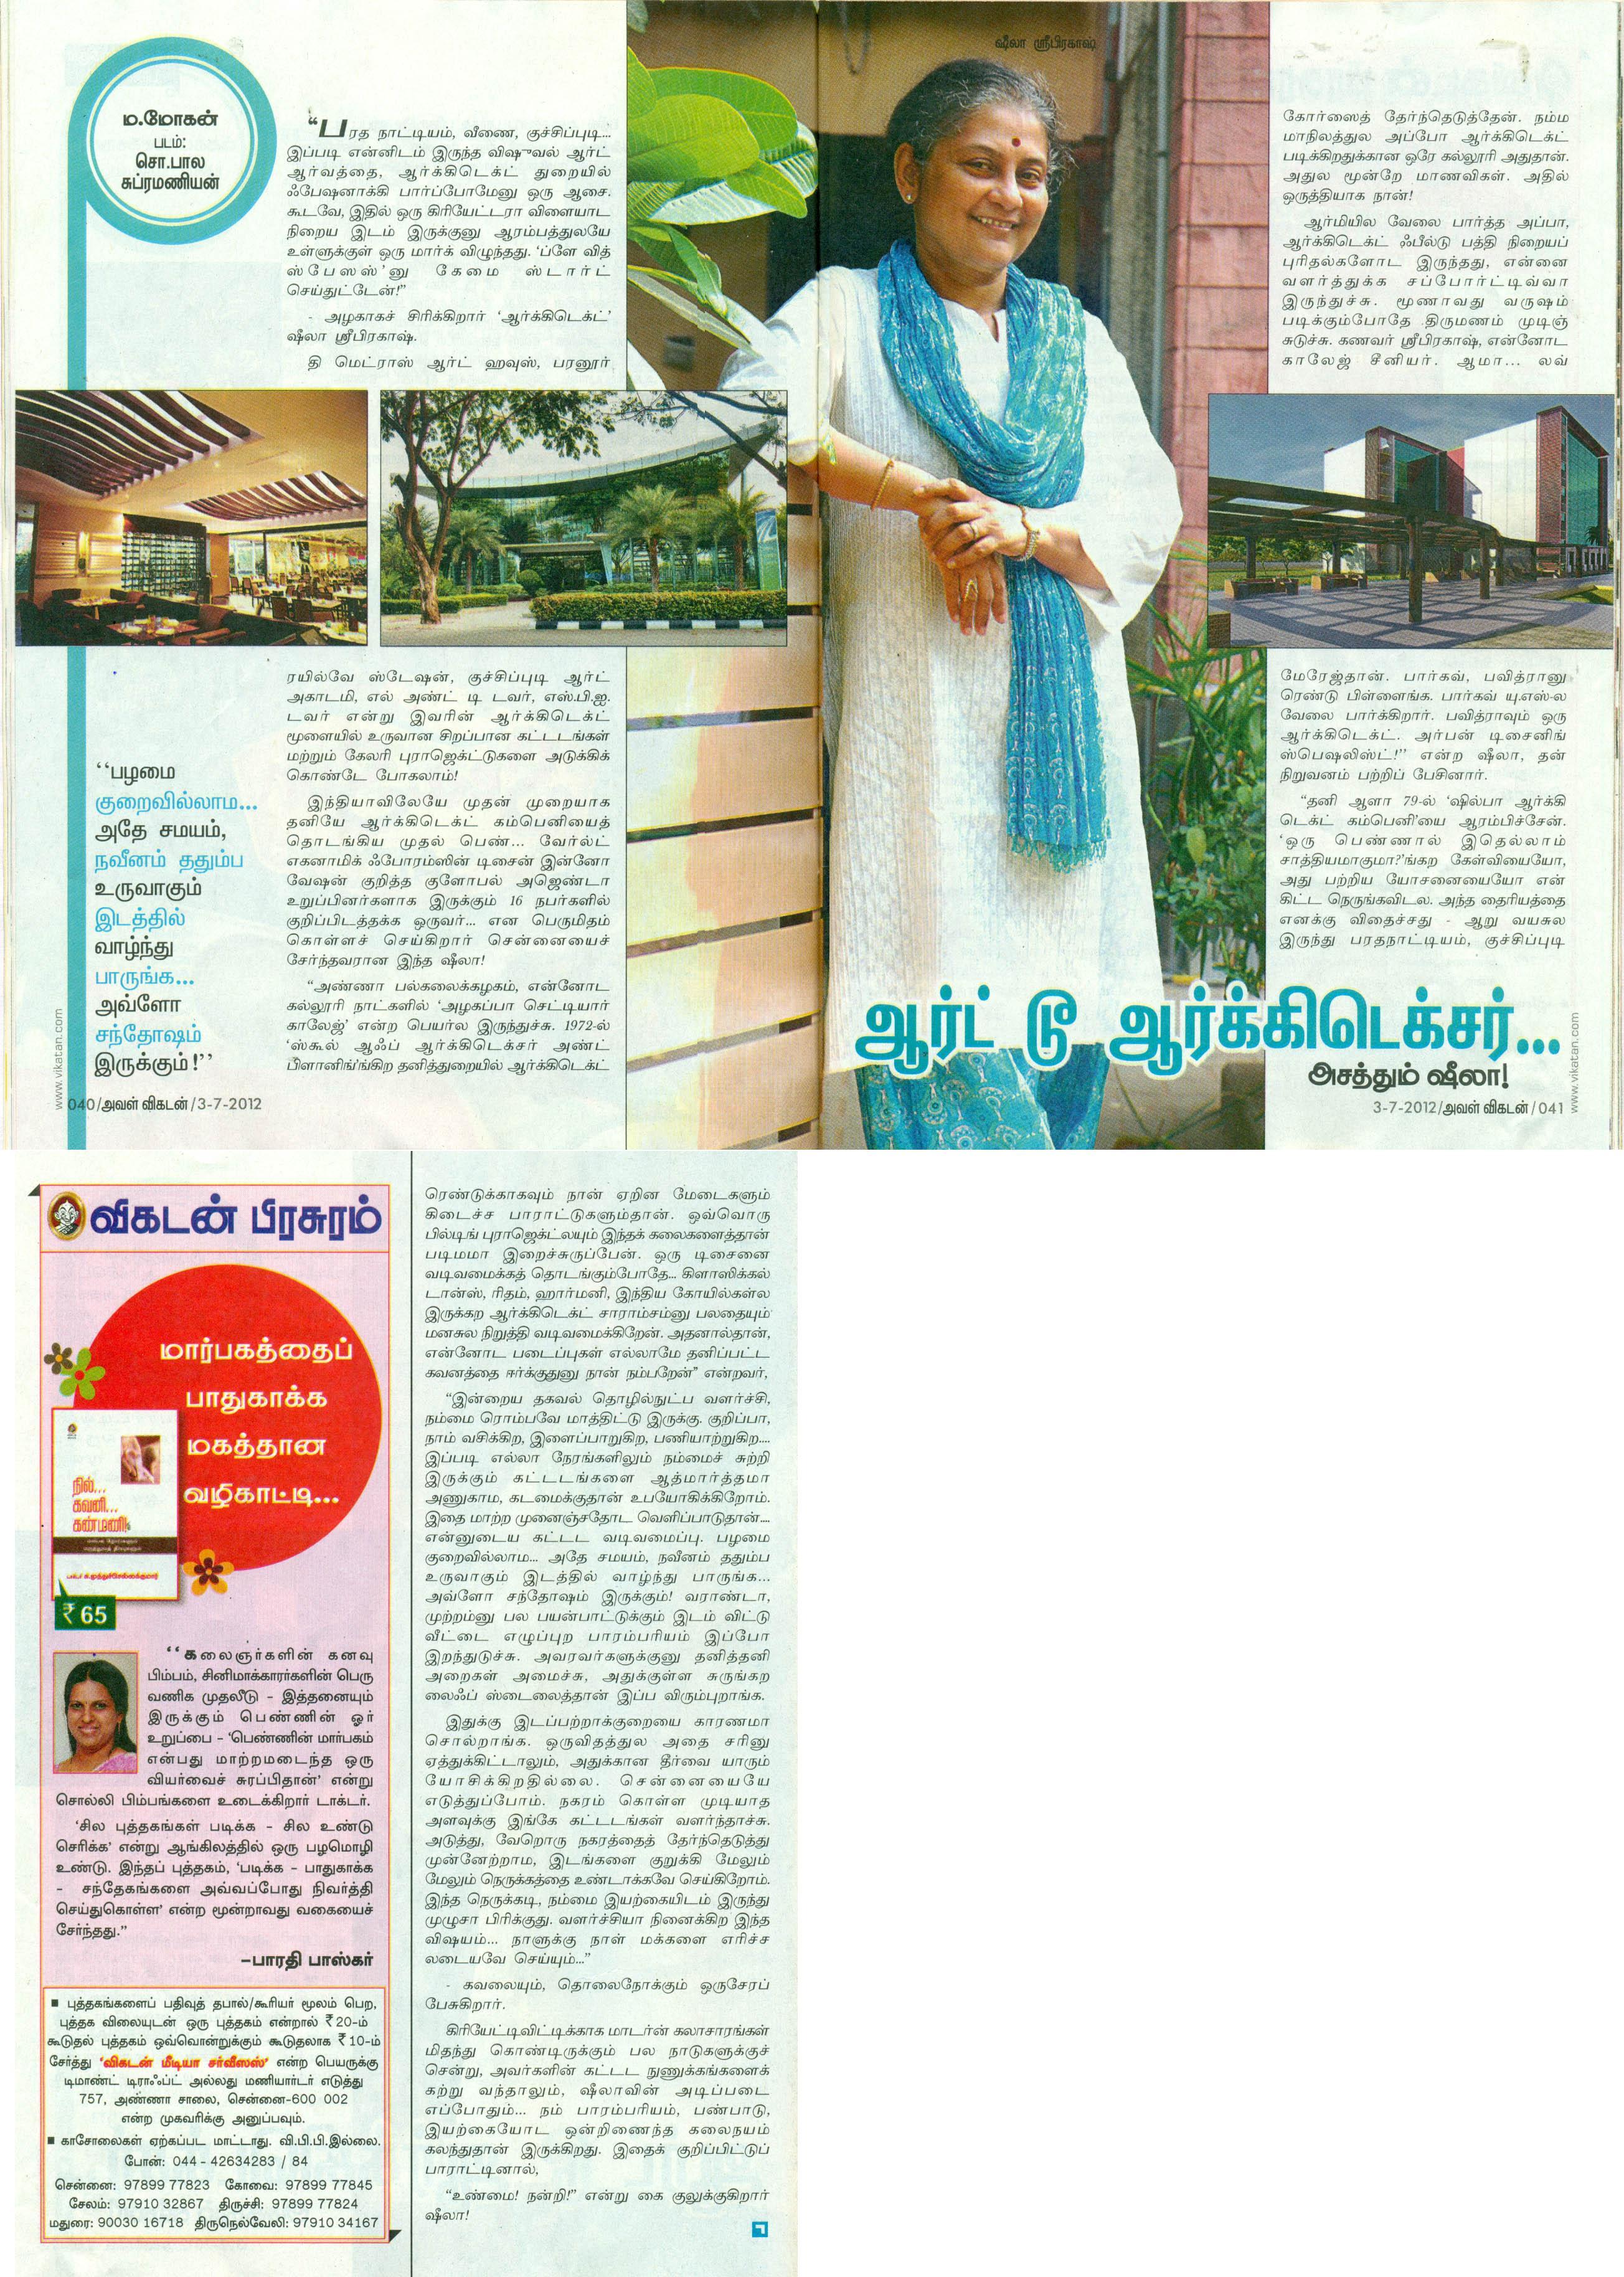 Aval Vikatan - Sheila Sri Prakash Interview on Arts & Architecture